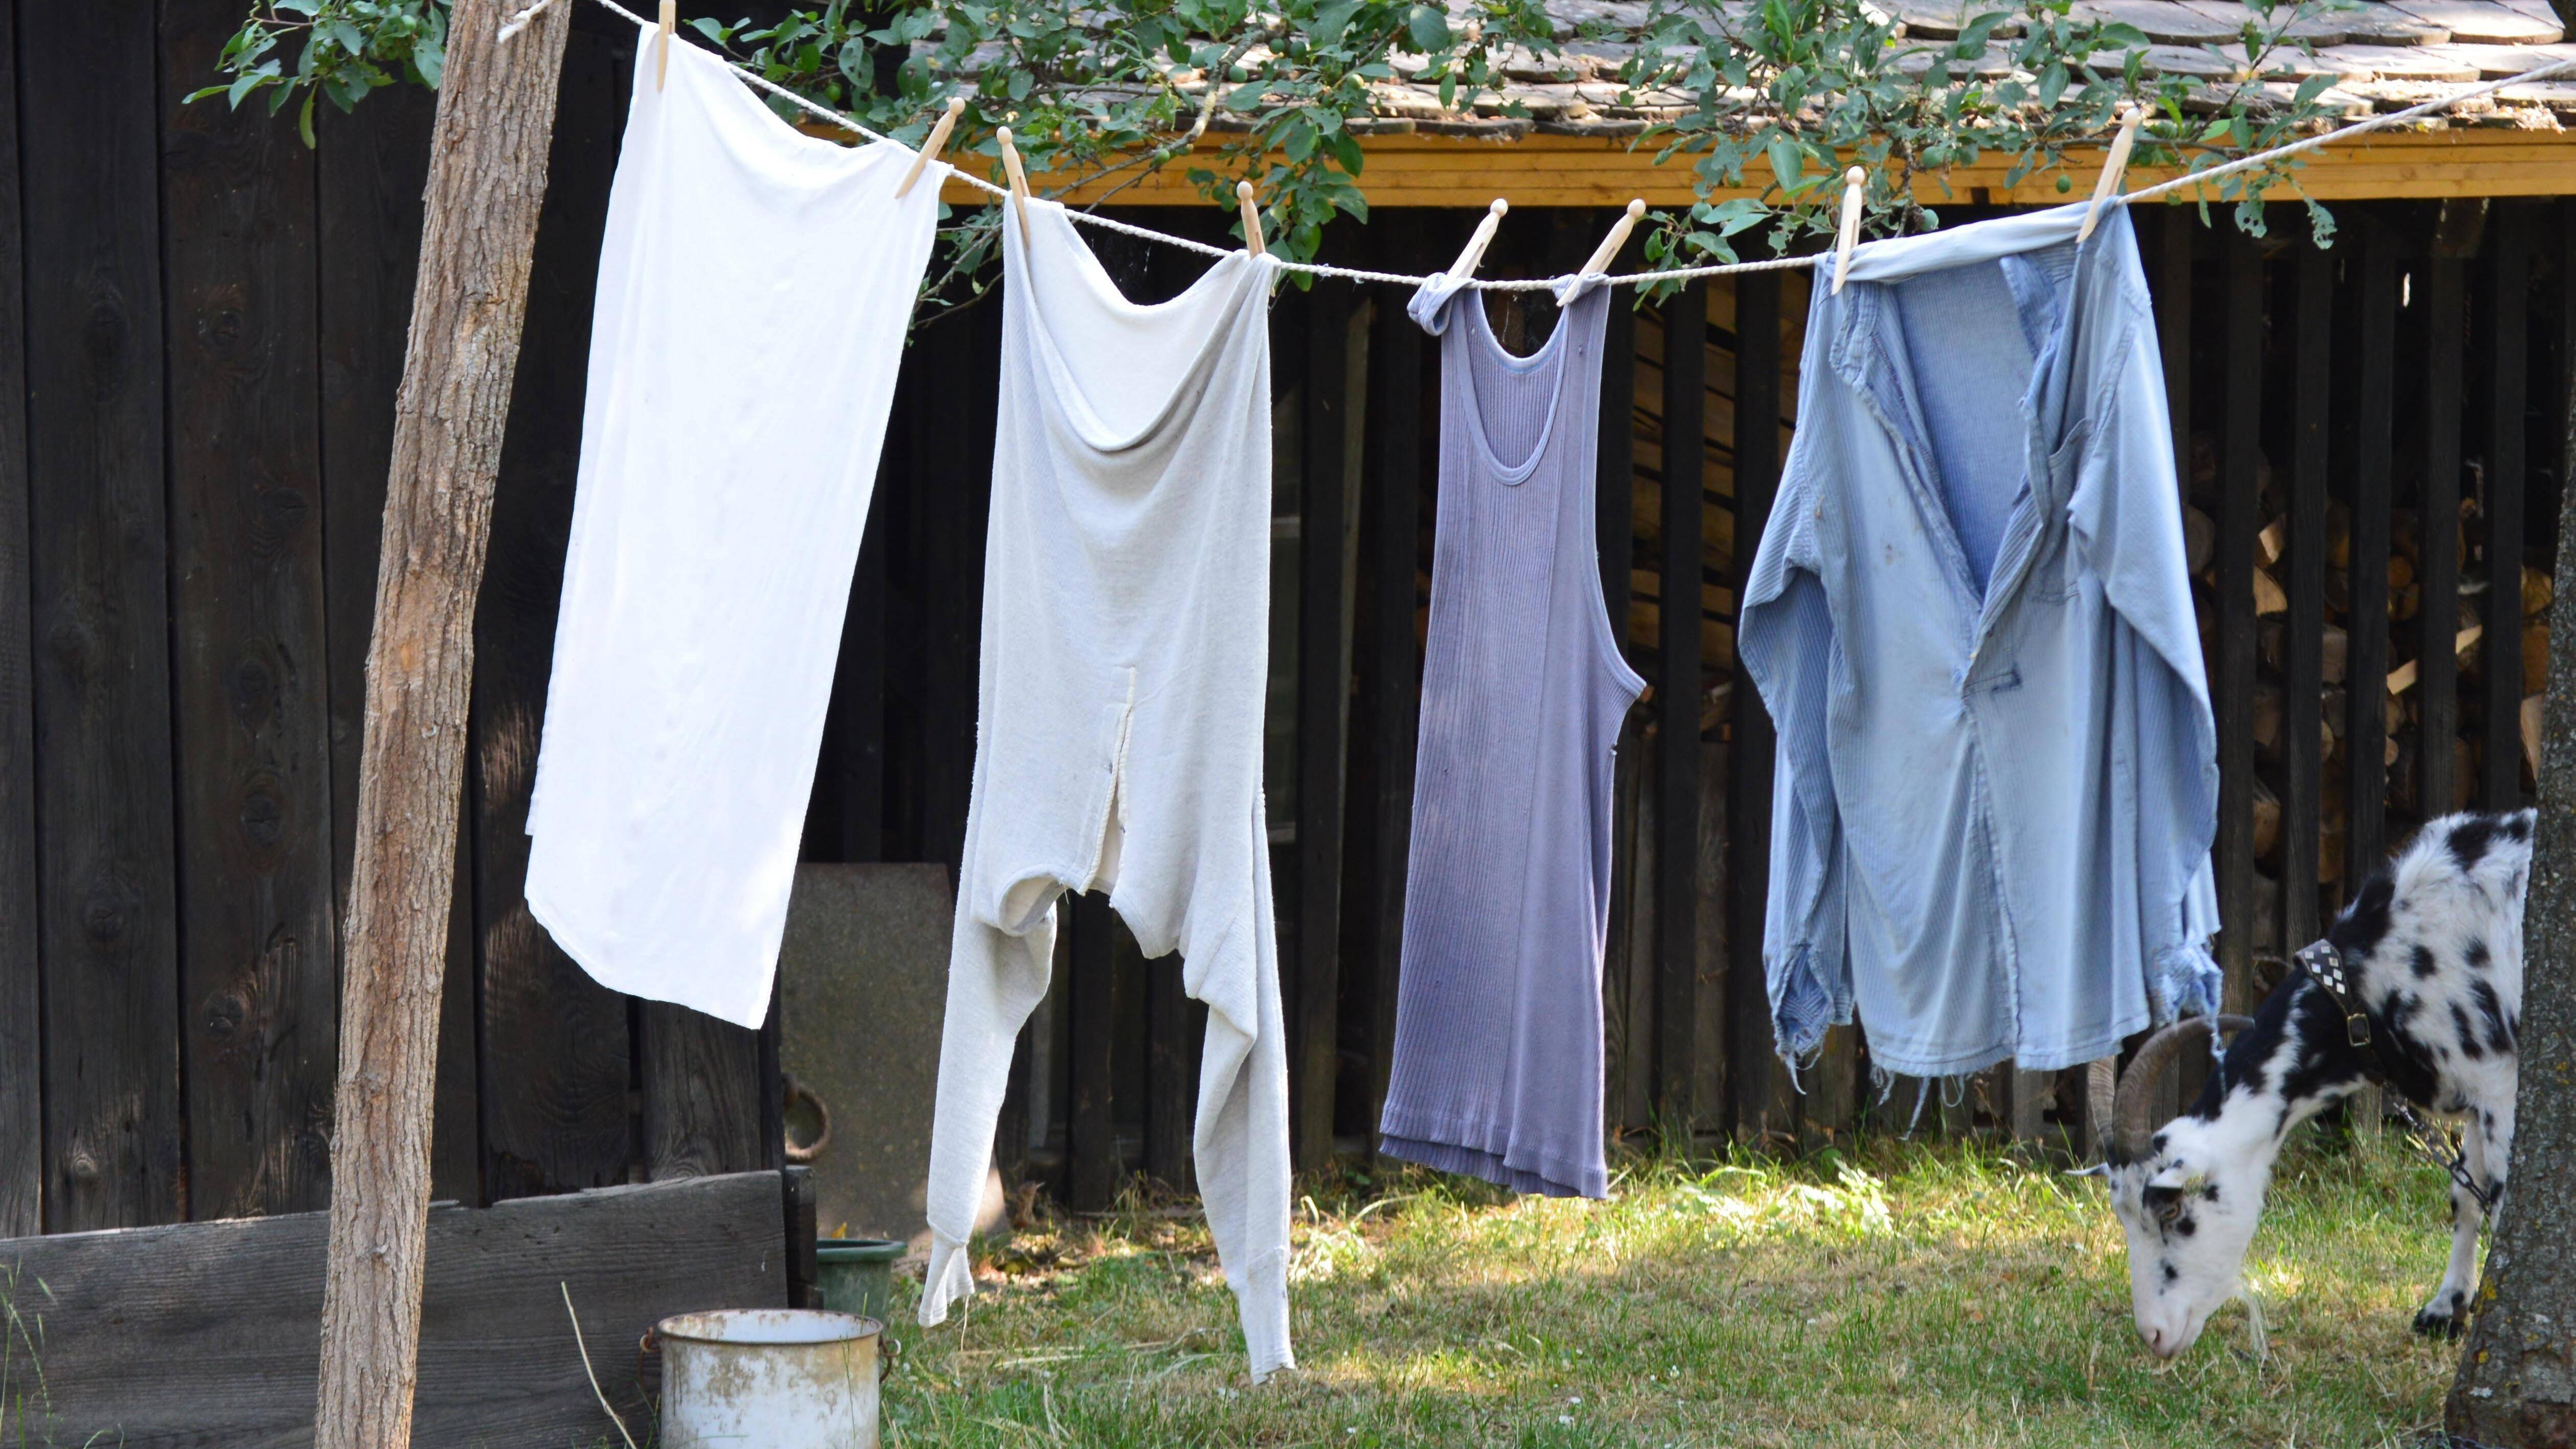 Nachhaltig waschen durch weniger Wäsche.